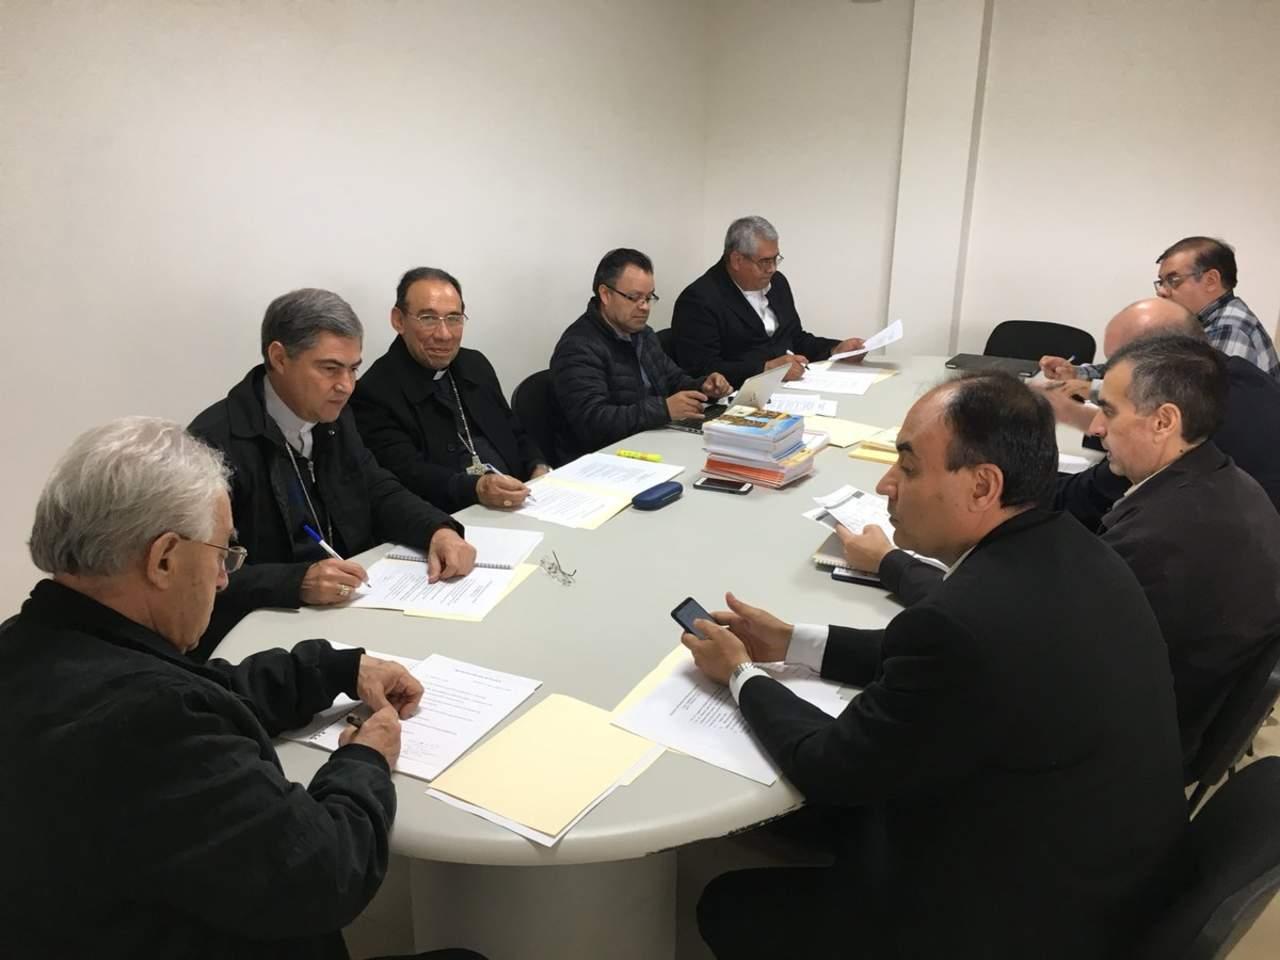 Arzobispo de Durango ve con preocupación el proceso electoral